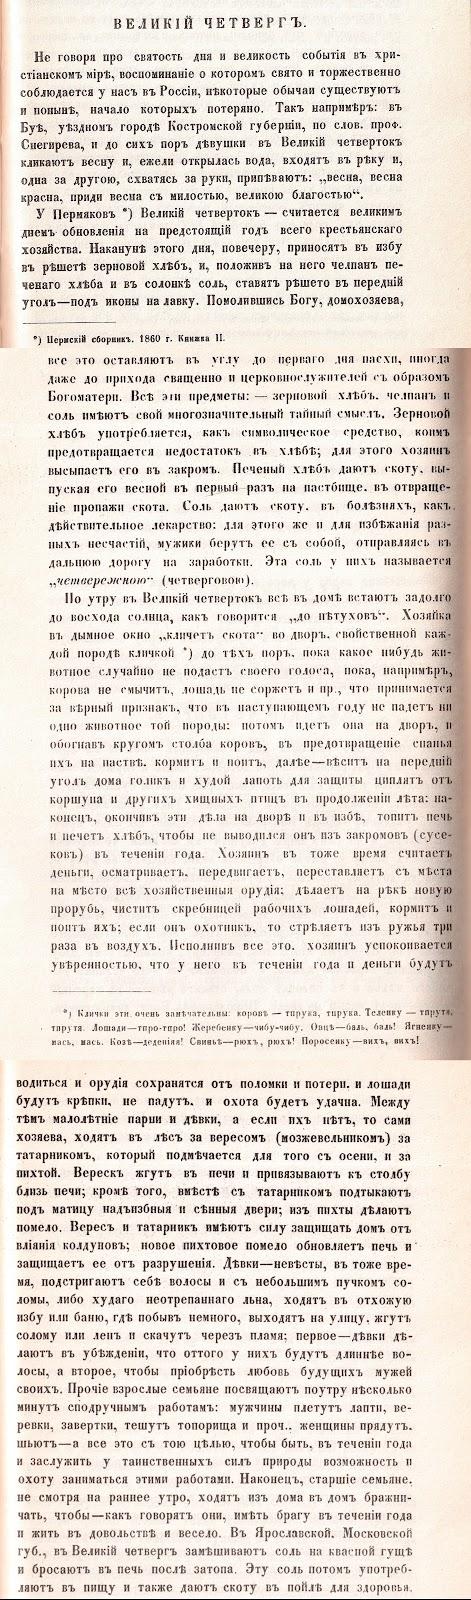 Собр. М. Забылинымъ, Москва 1880.